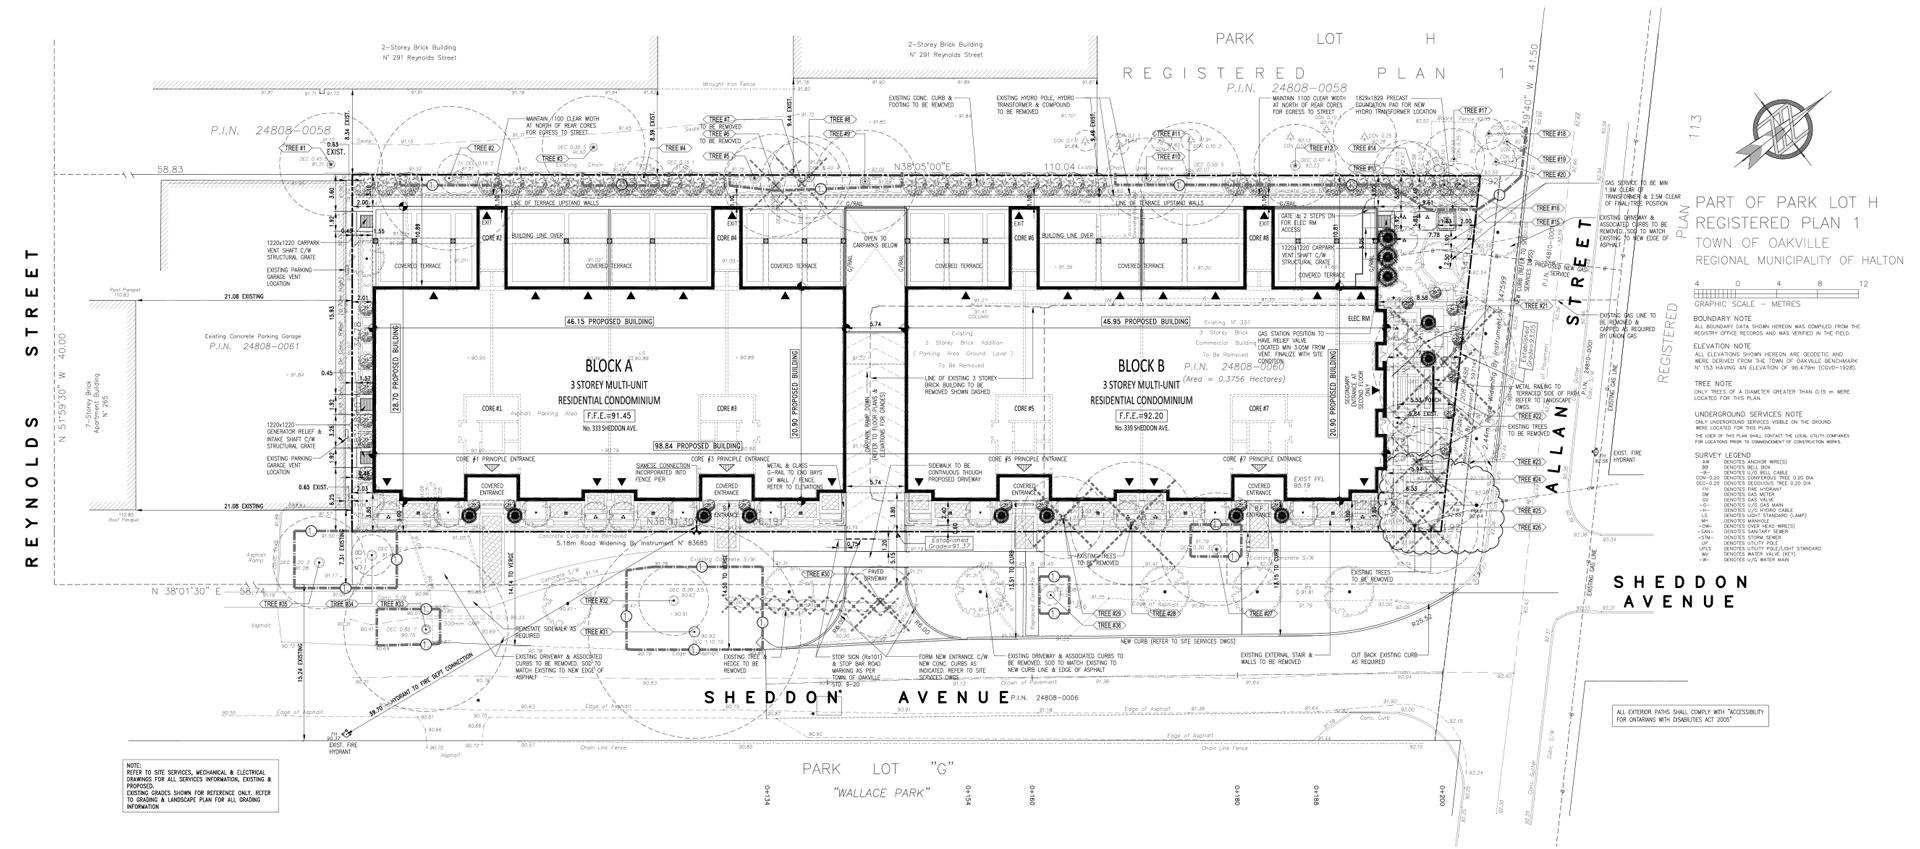 sheddon-site-plan-2